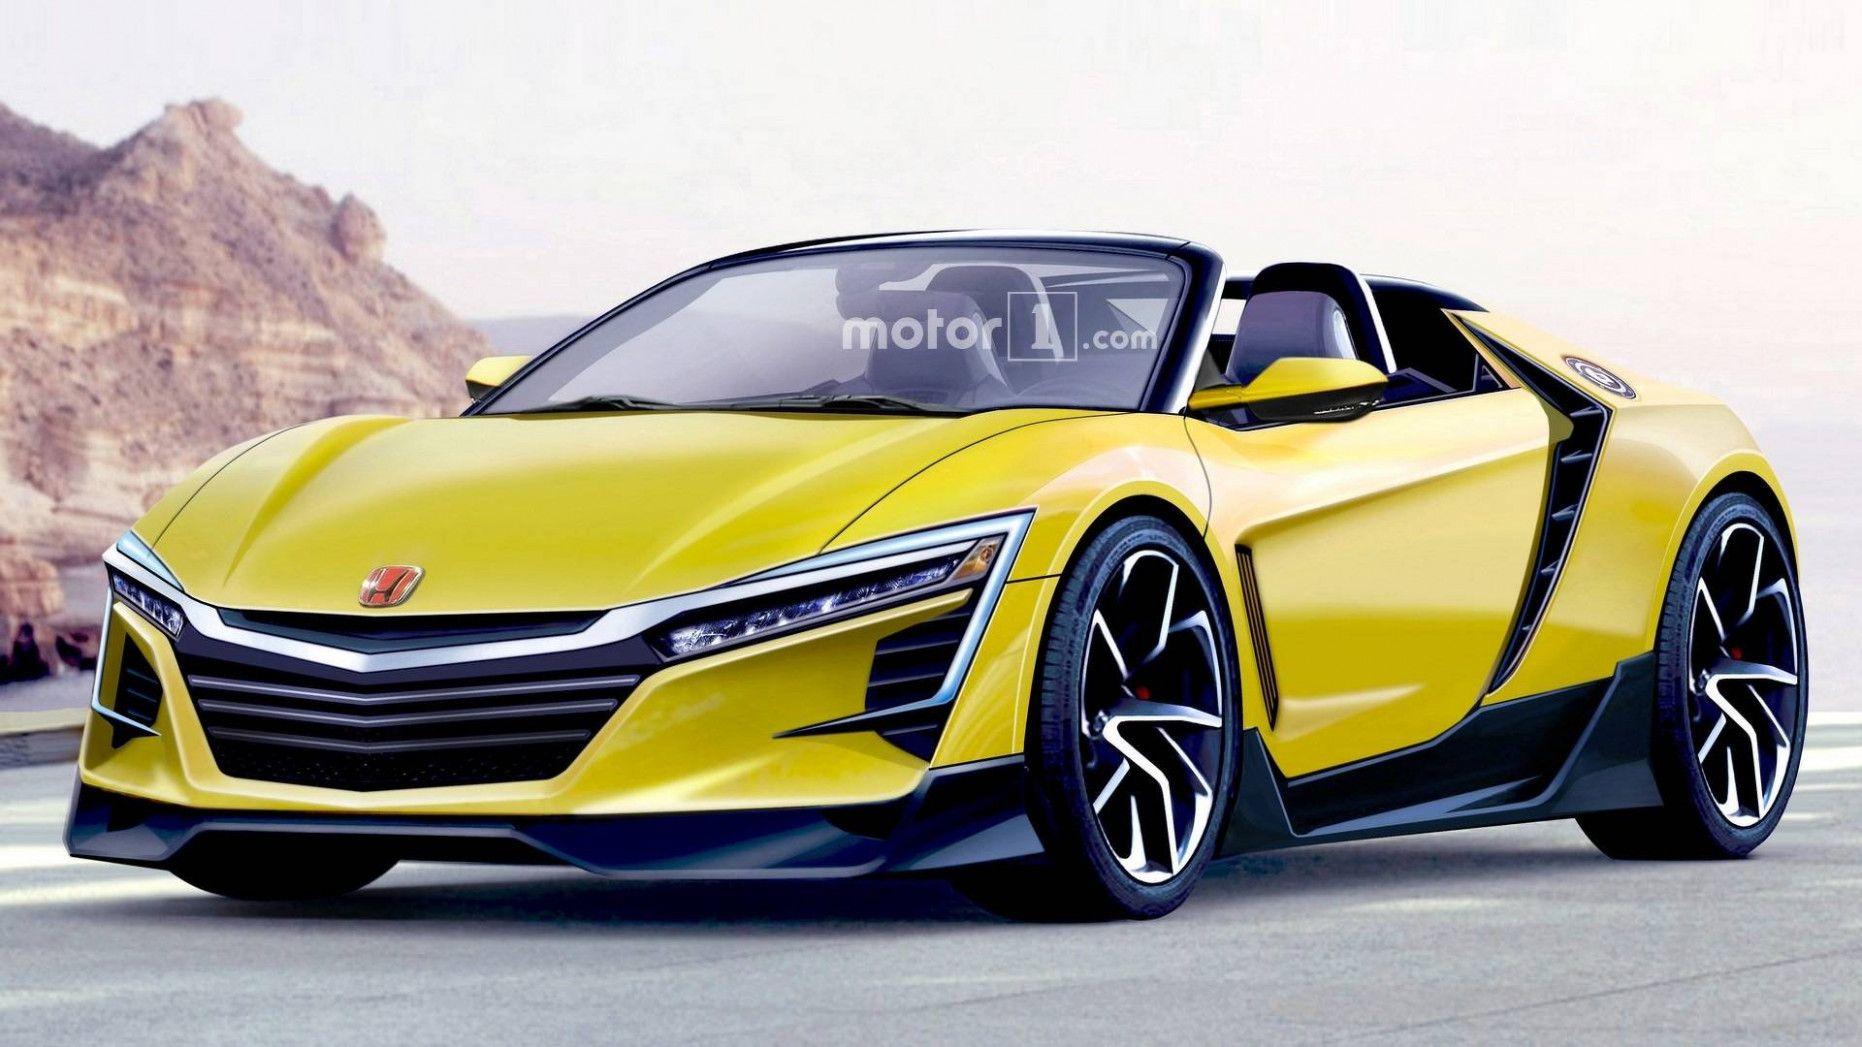 2020 Honda S2000 Model 2020 Honda S2000 Style 2020 Honda